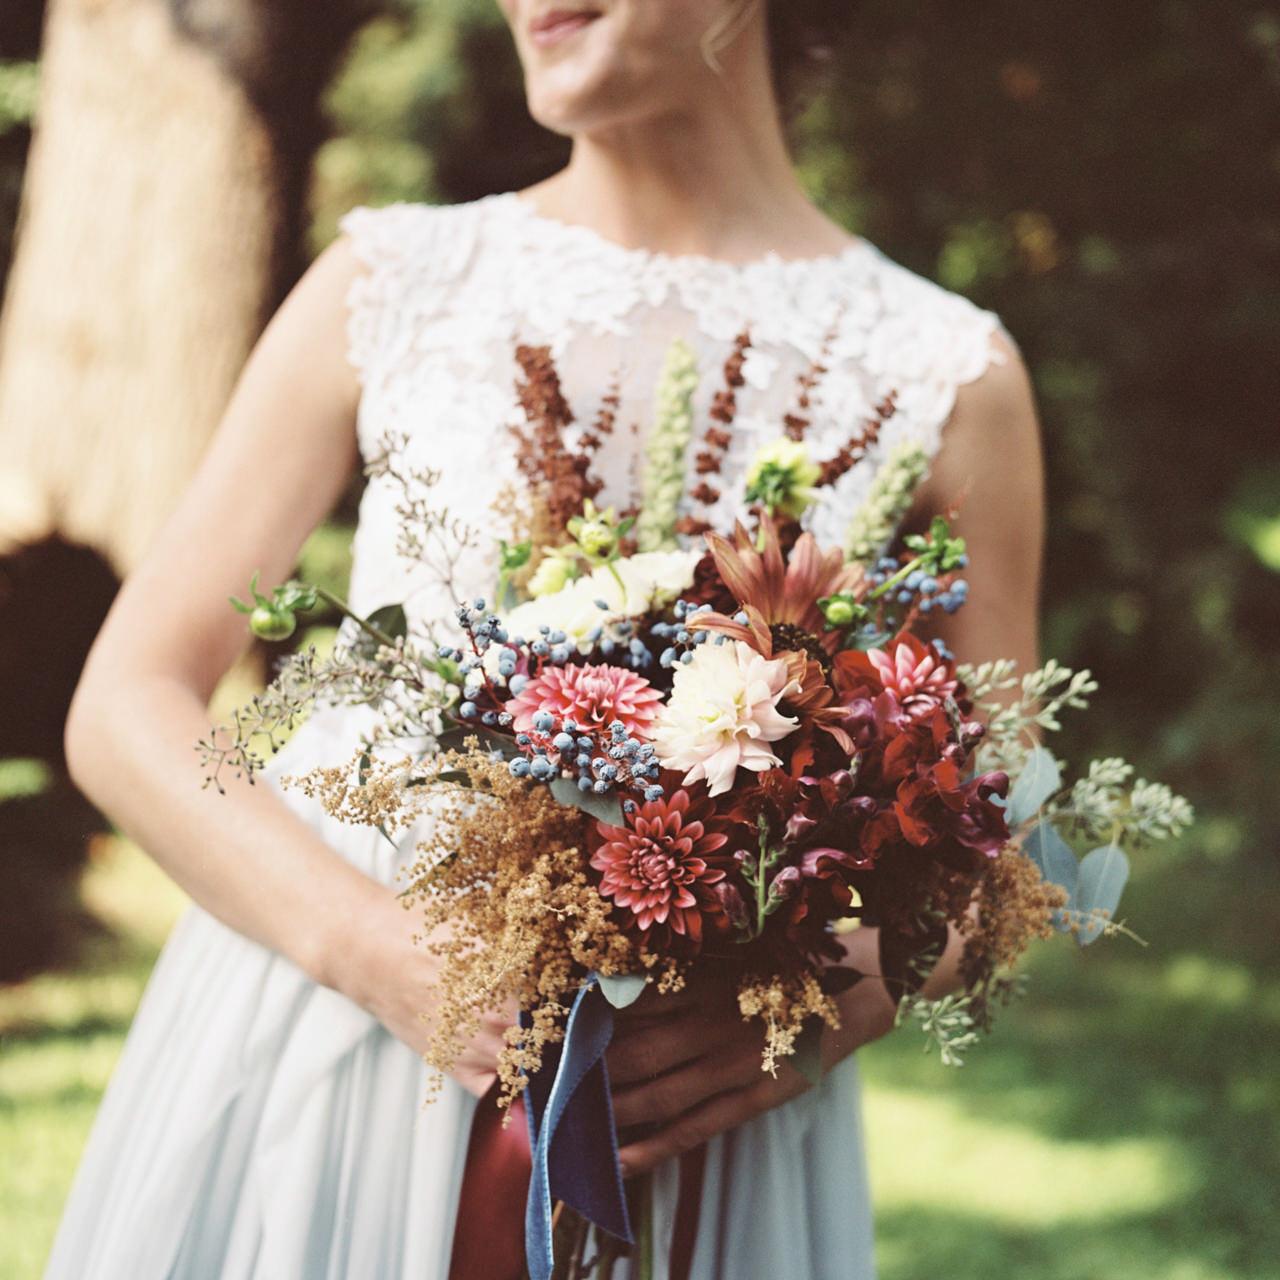 mt-hood-organic-farms-film-wedding-04.jpg